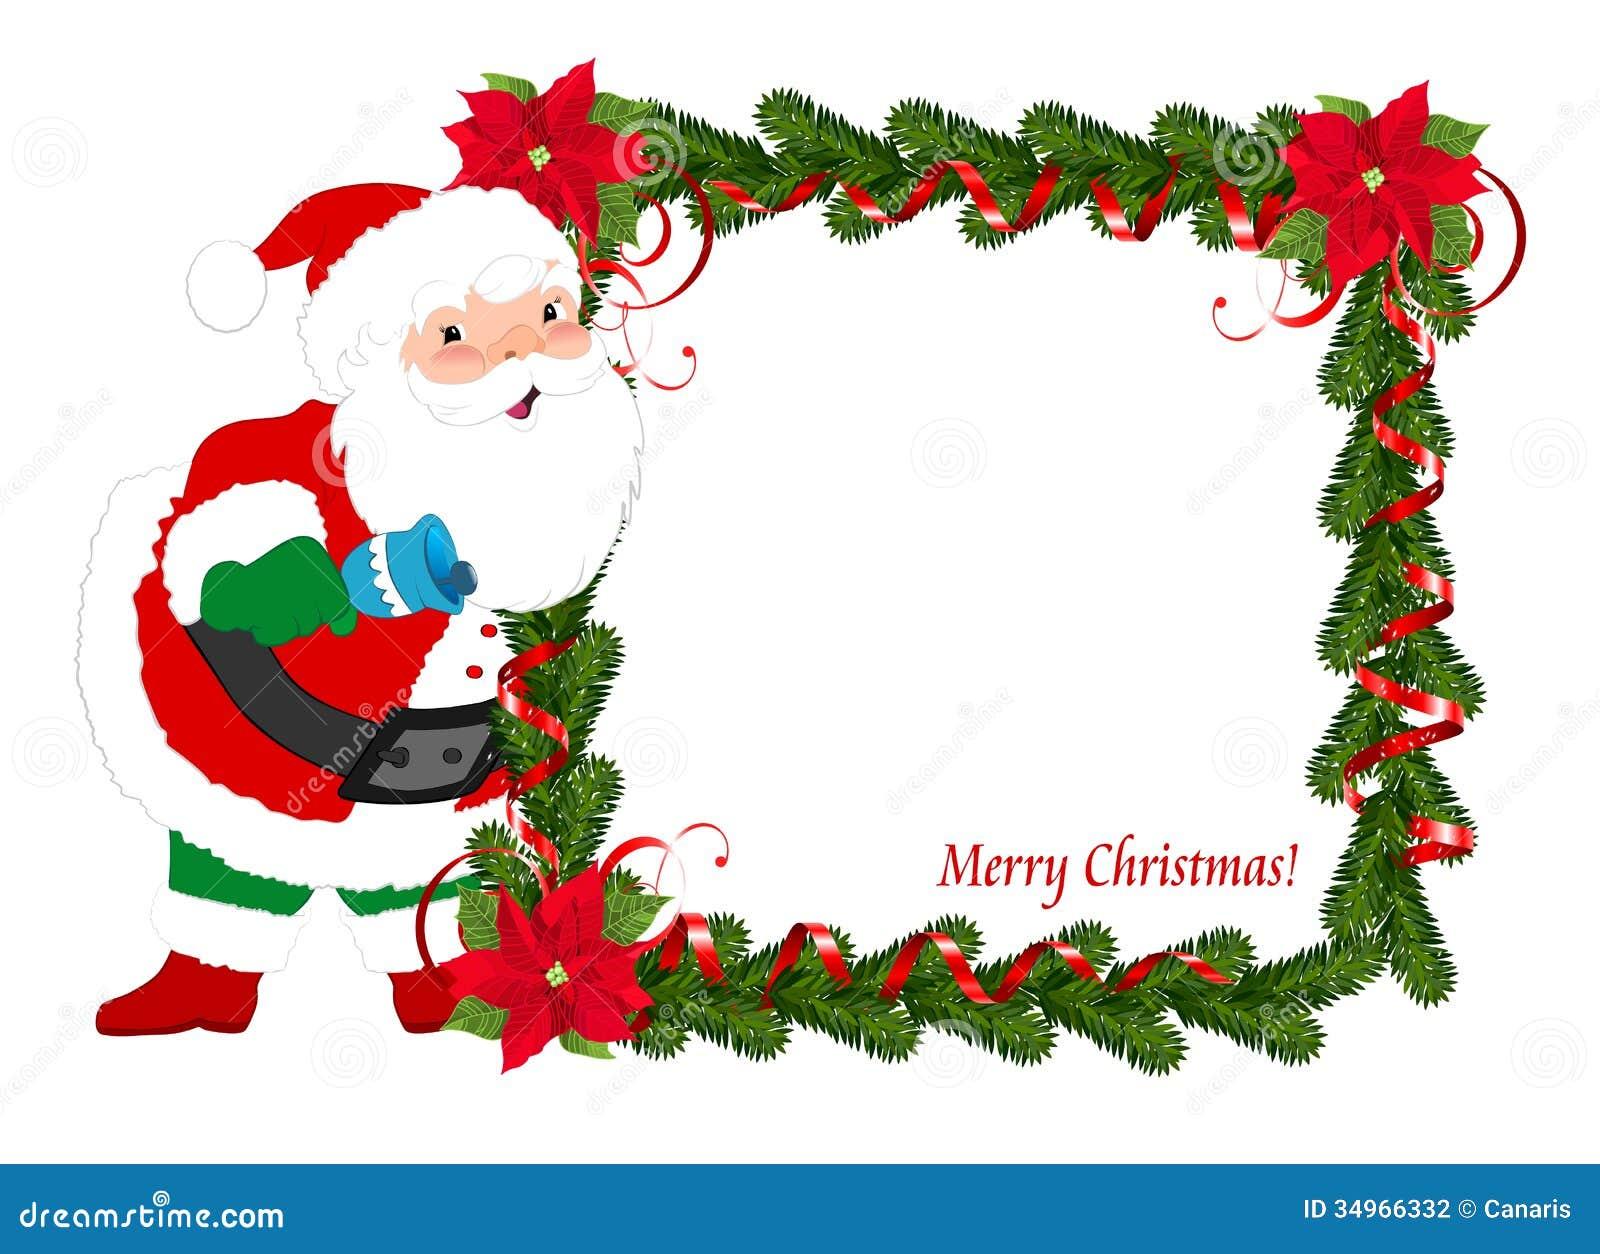 Imagenes De Papa Noel De Navidad.Marco De La Navidad Con Papa Noel Stock De Ilustracion